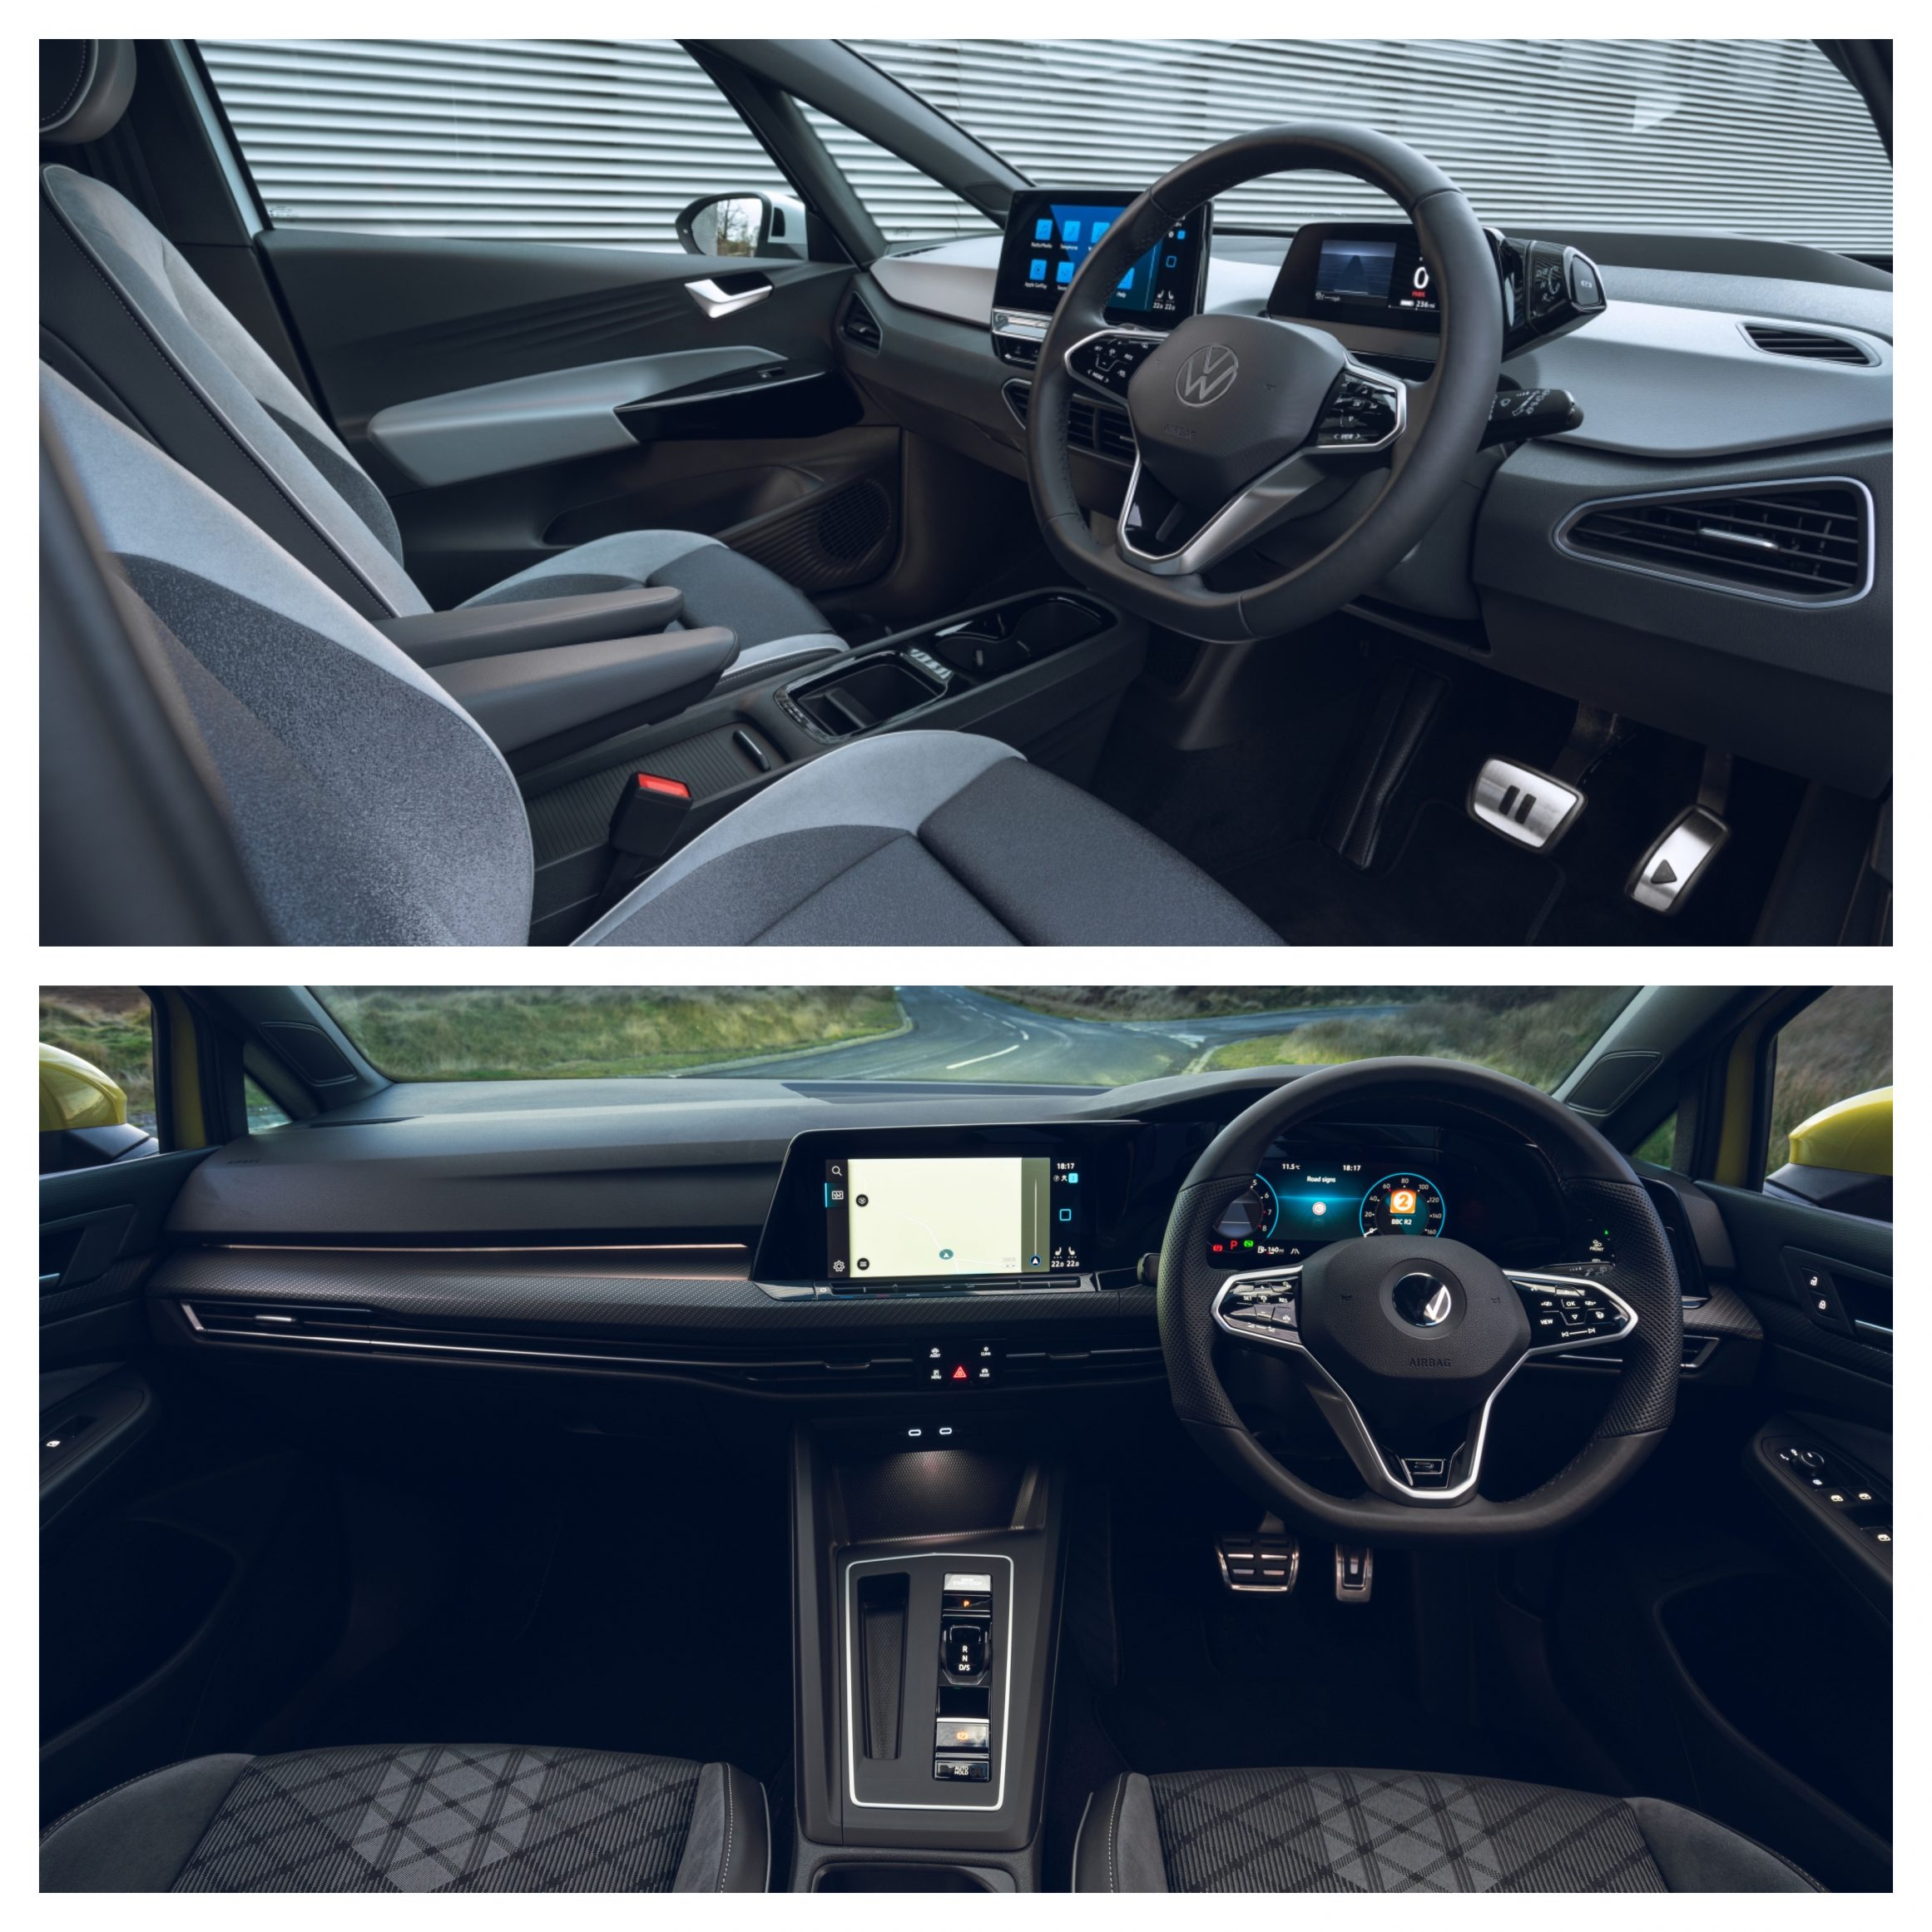 Volkswagen ID.3 Vs Volkswagen Golf - interior design